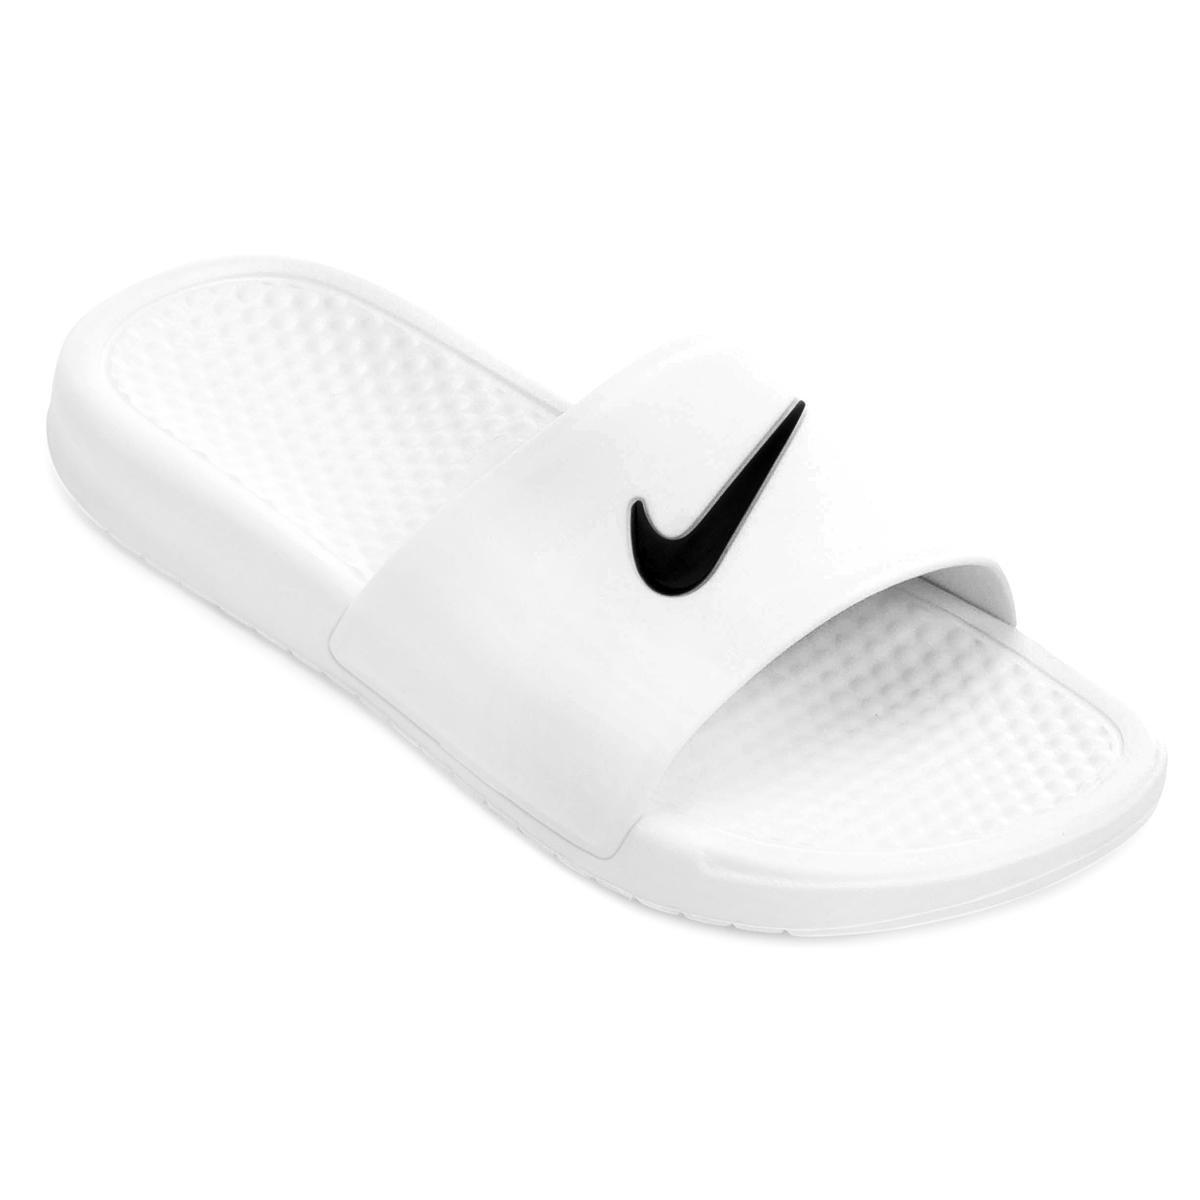 6a174cf4e3c Chinelo Nike Benassi Shower Slide - Compre Agora